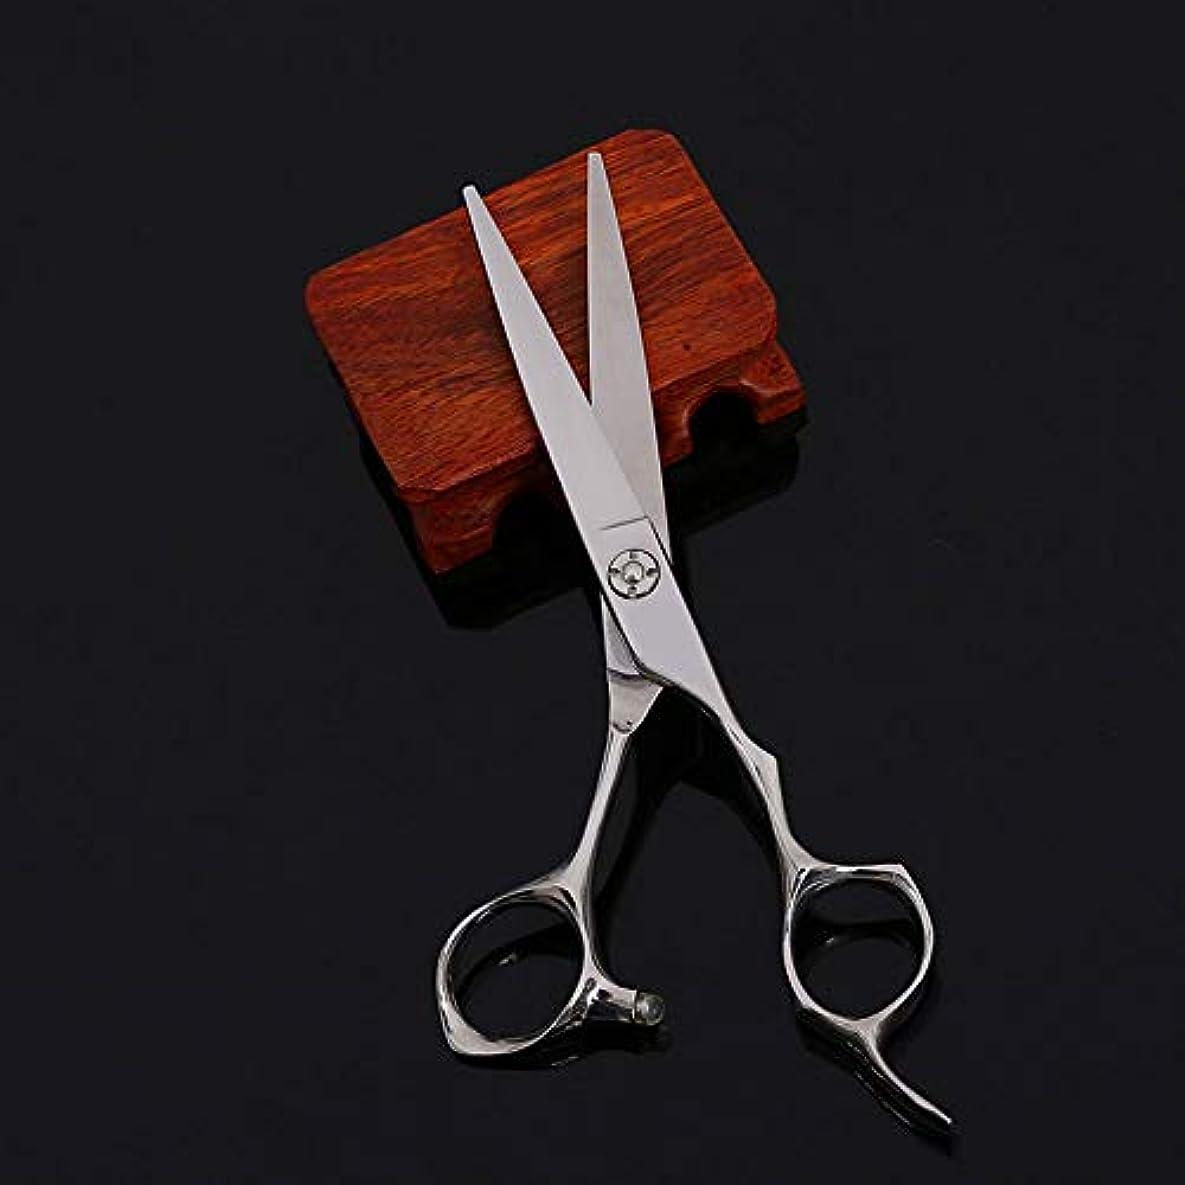 定数ナンセンス浮くWASAIO バーバープロフェッショナルヘアカットプレーンのはさみヘアカットはさみ間伐歯を設定理髪テクスチャーサロンレイザーエッジシザーとホーム工具6インチ (色 : Silver)